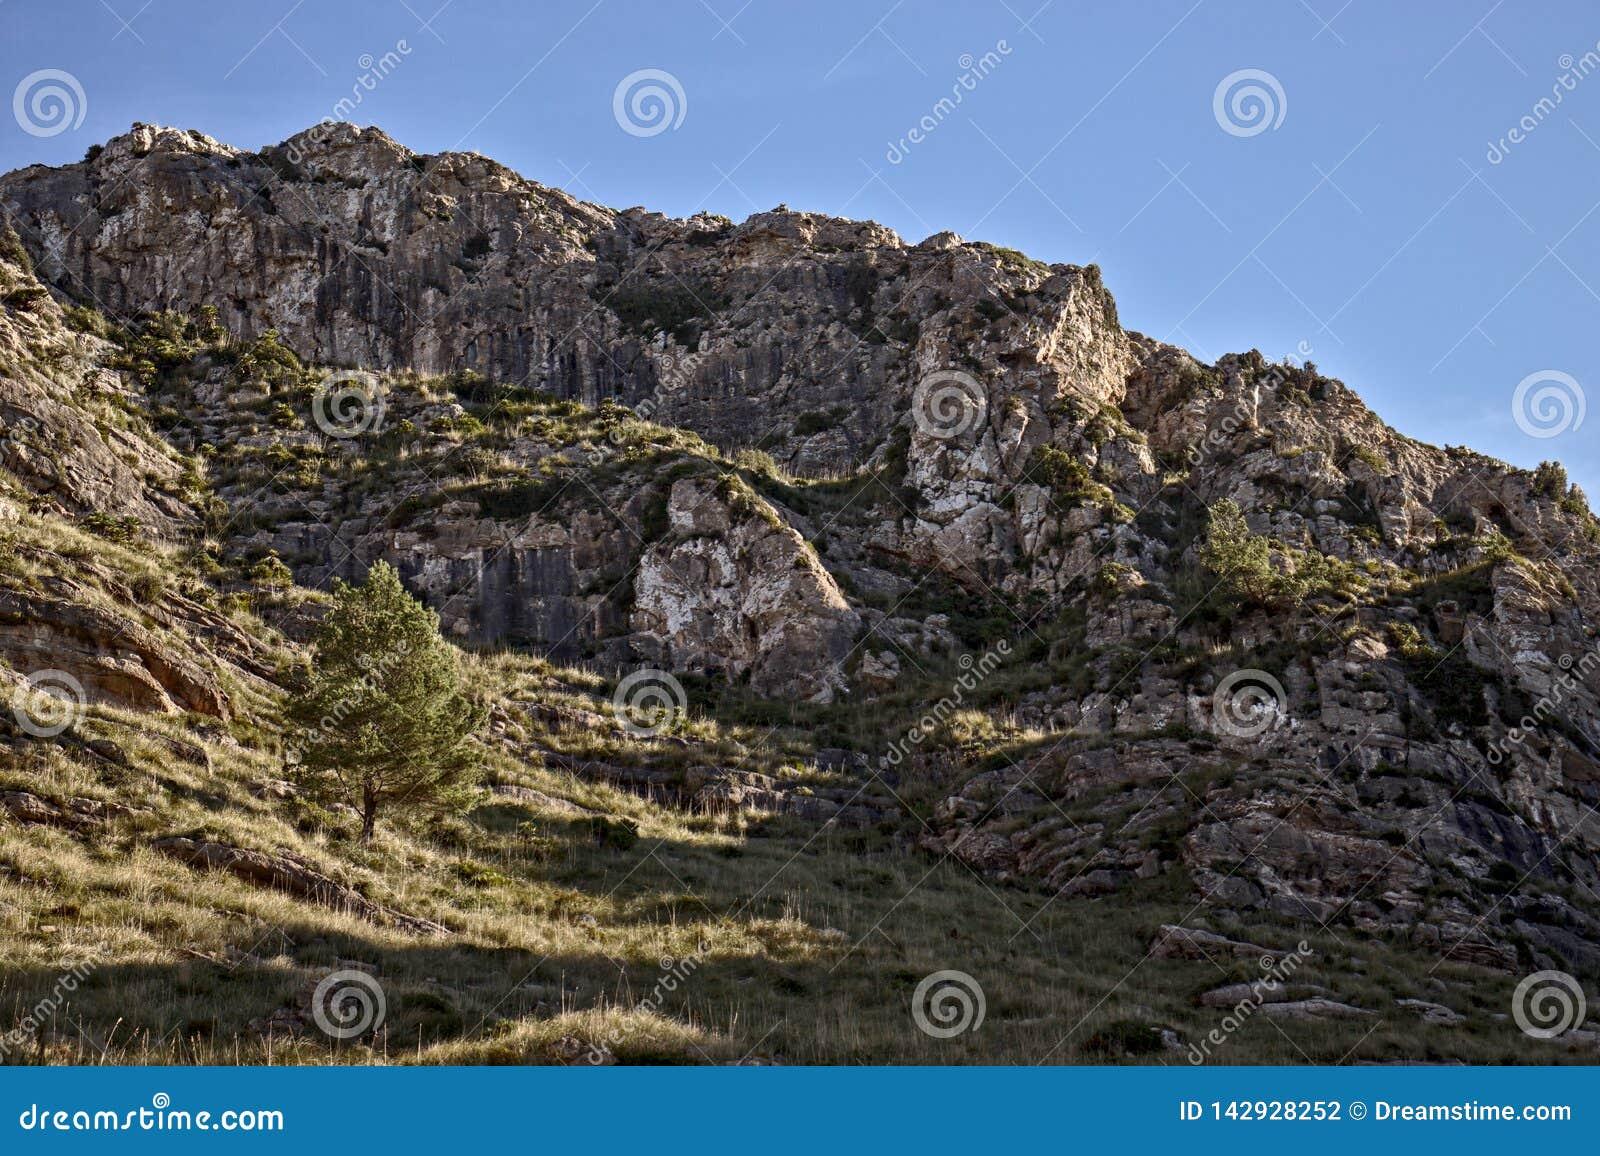 Det ensamma trädet på sida av en kulle med vaggar och gräs, blåa himlar, betlem, mallorca, Spanien